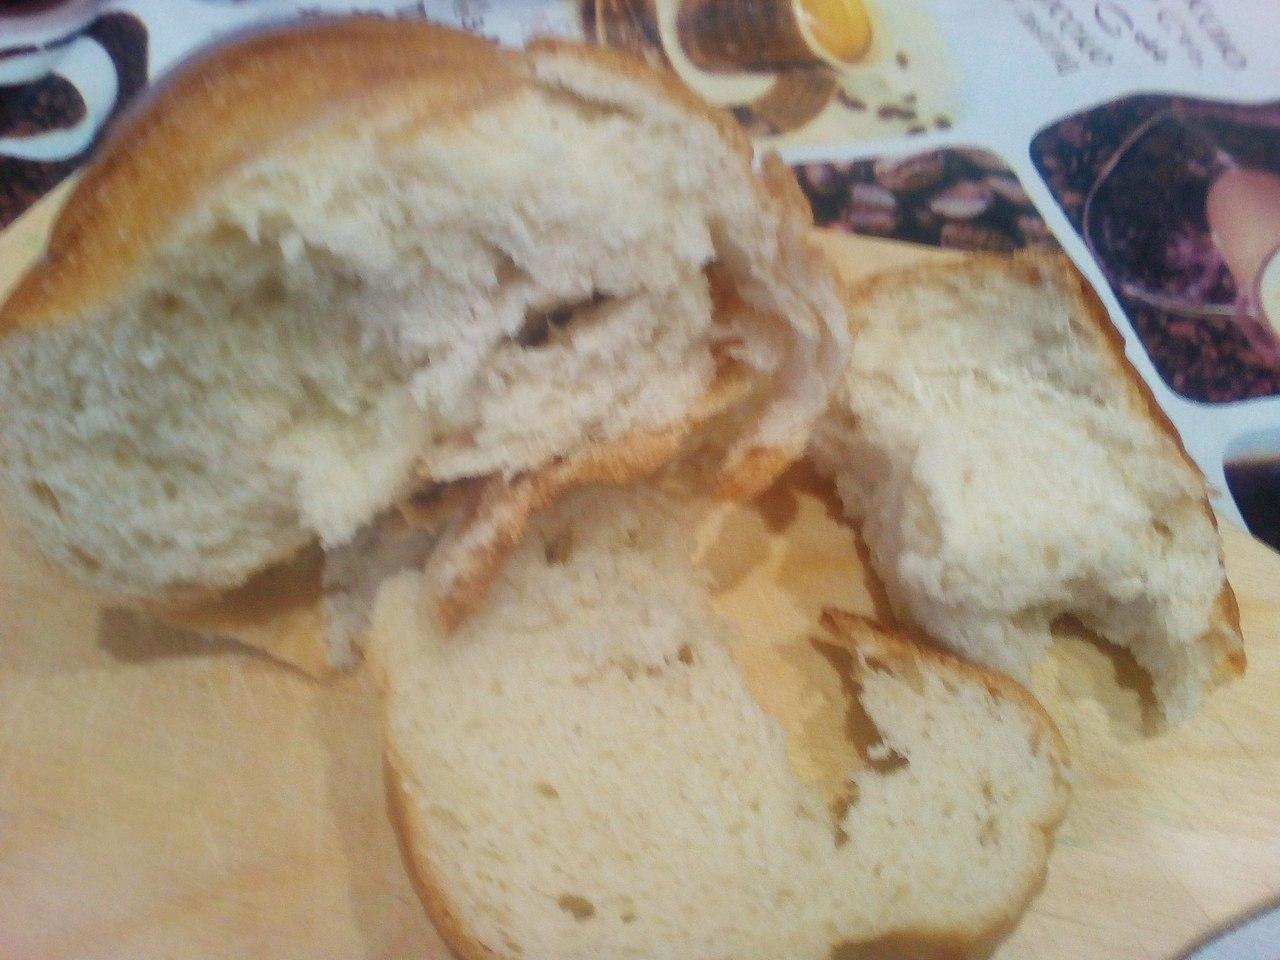 Сырой хлеб, сосульки и таксисты-хамы: на что жалуют чепчане в праздничные выходные